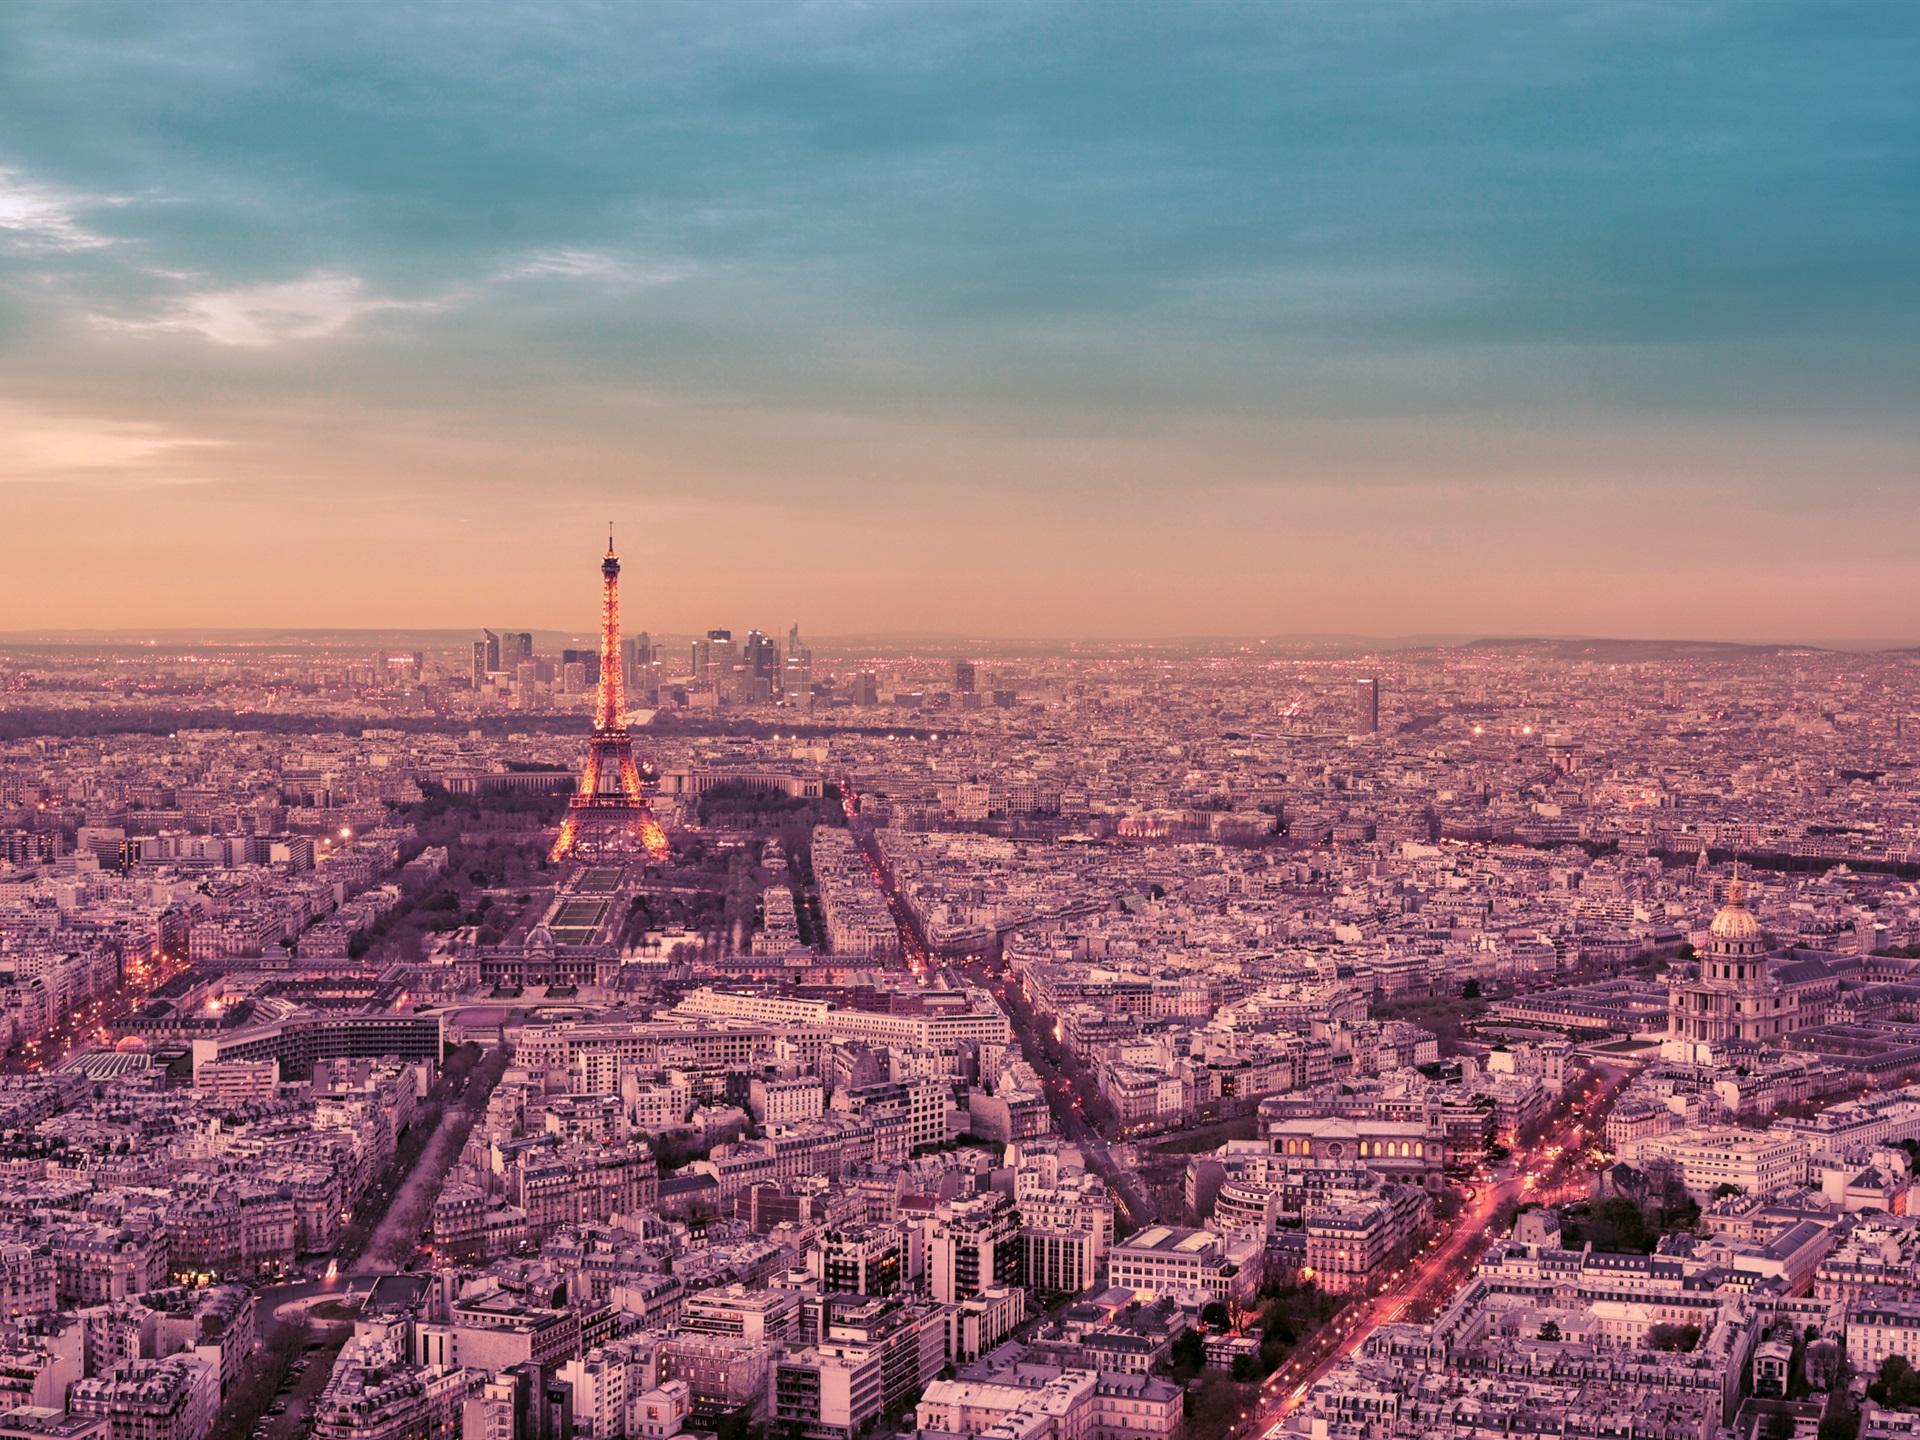 Fonds d'écran France, Paris, la nuit de la ville, la Tour Eiffel, rue, lumières 1920x1440 HD image